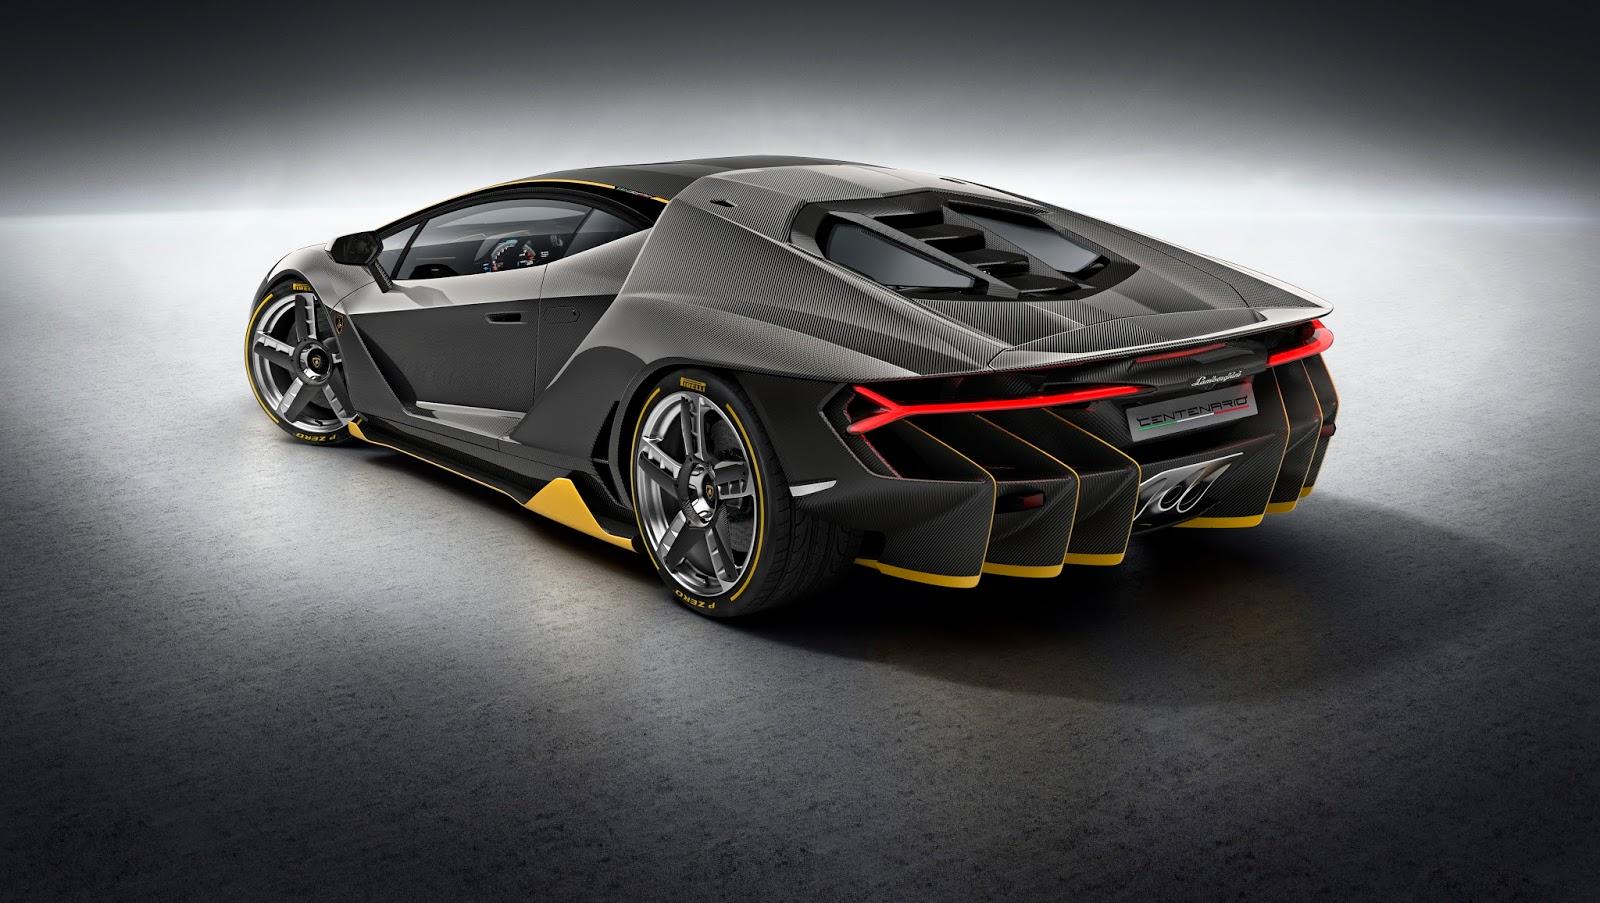 423366 Η Lamborghini Centenario είναι αφιερωμένη στον ιδρυτή της autoshow, Lamborghini, Lamborghini Centenario, supercars, videos, Σαλόνι Αυτοκινήτου της Γενεύης